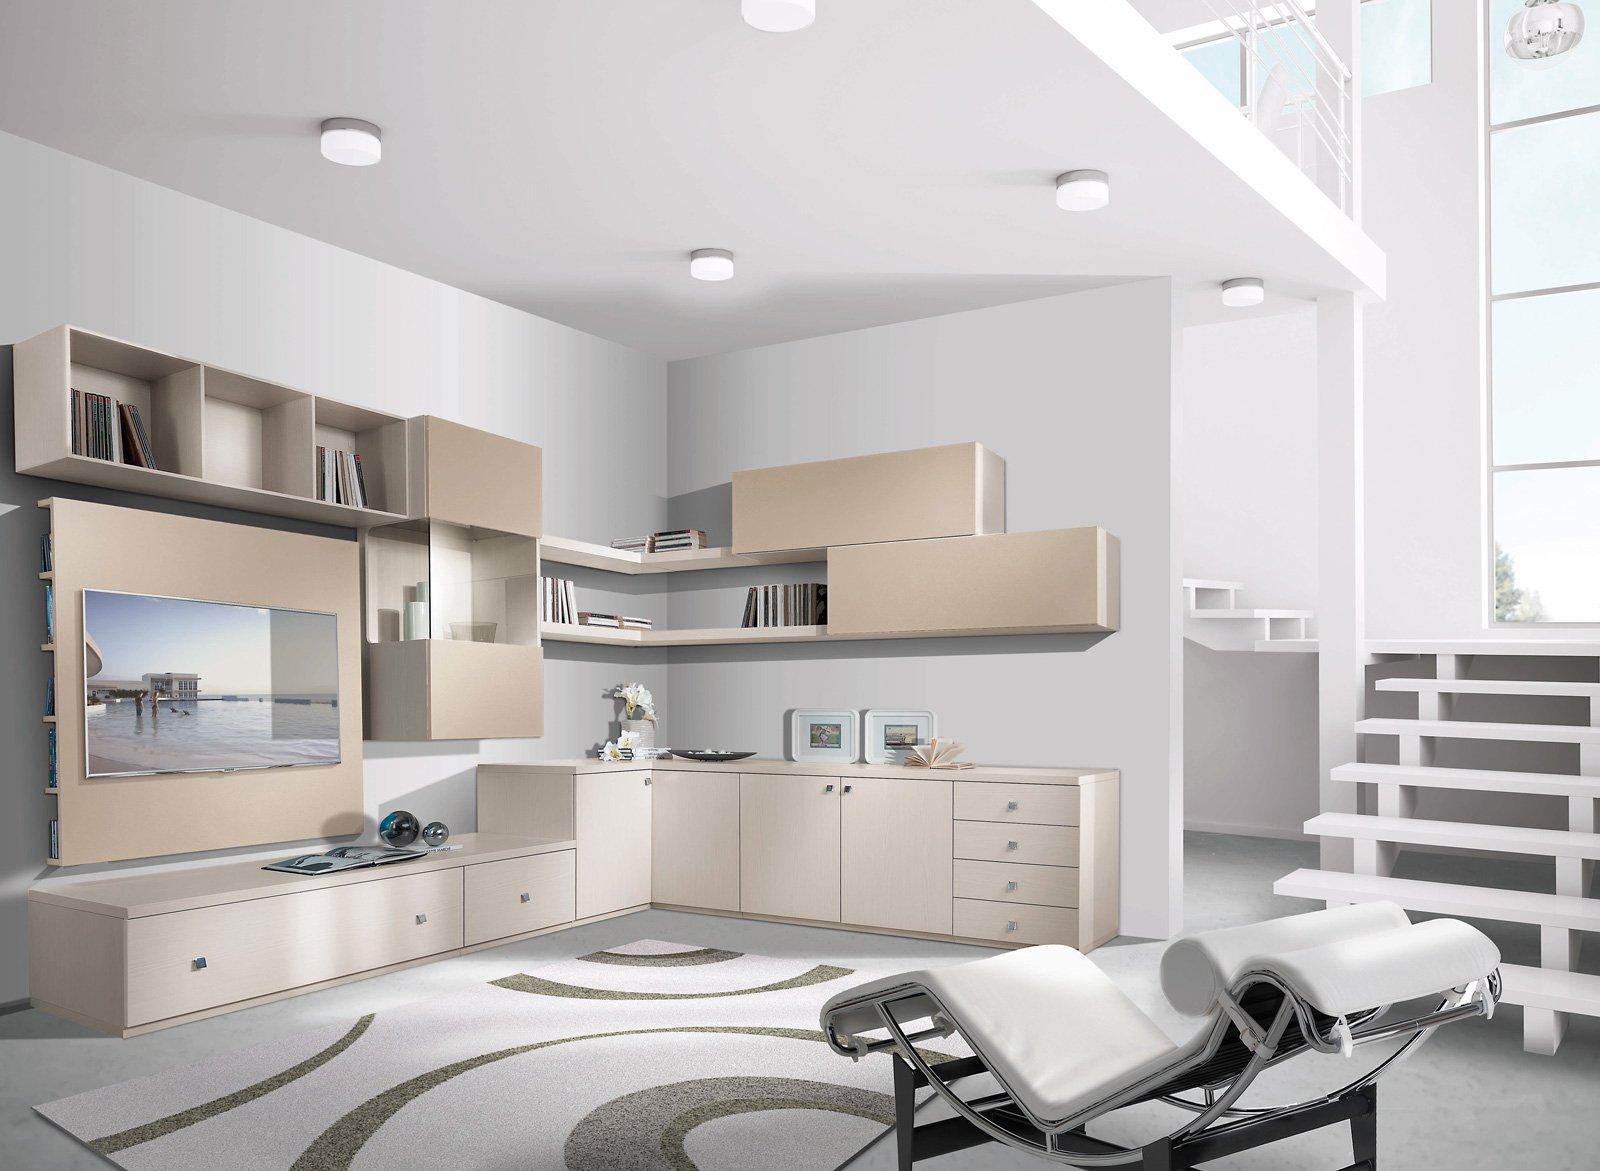 Librerie pareti attrezzate multifunzione cose di casa for Case moderne sotto 100k